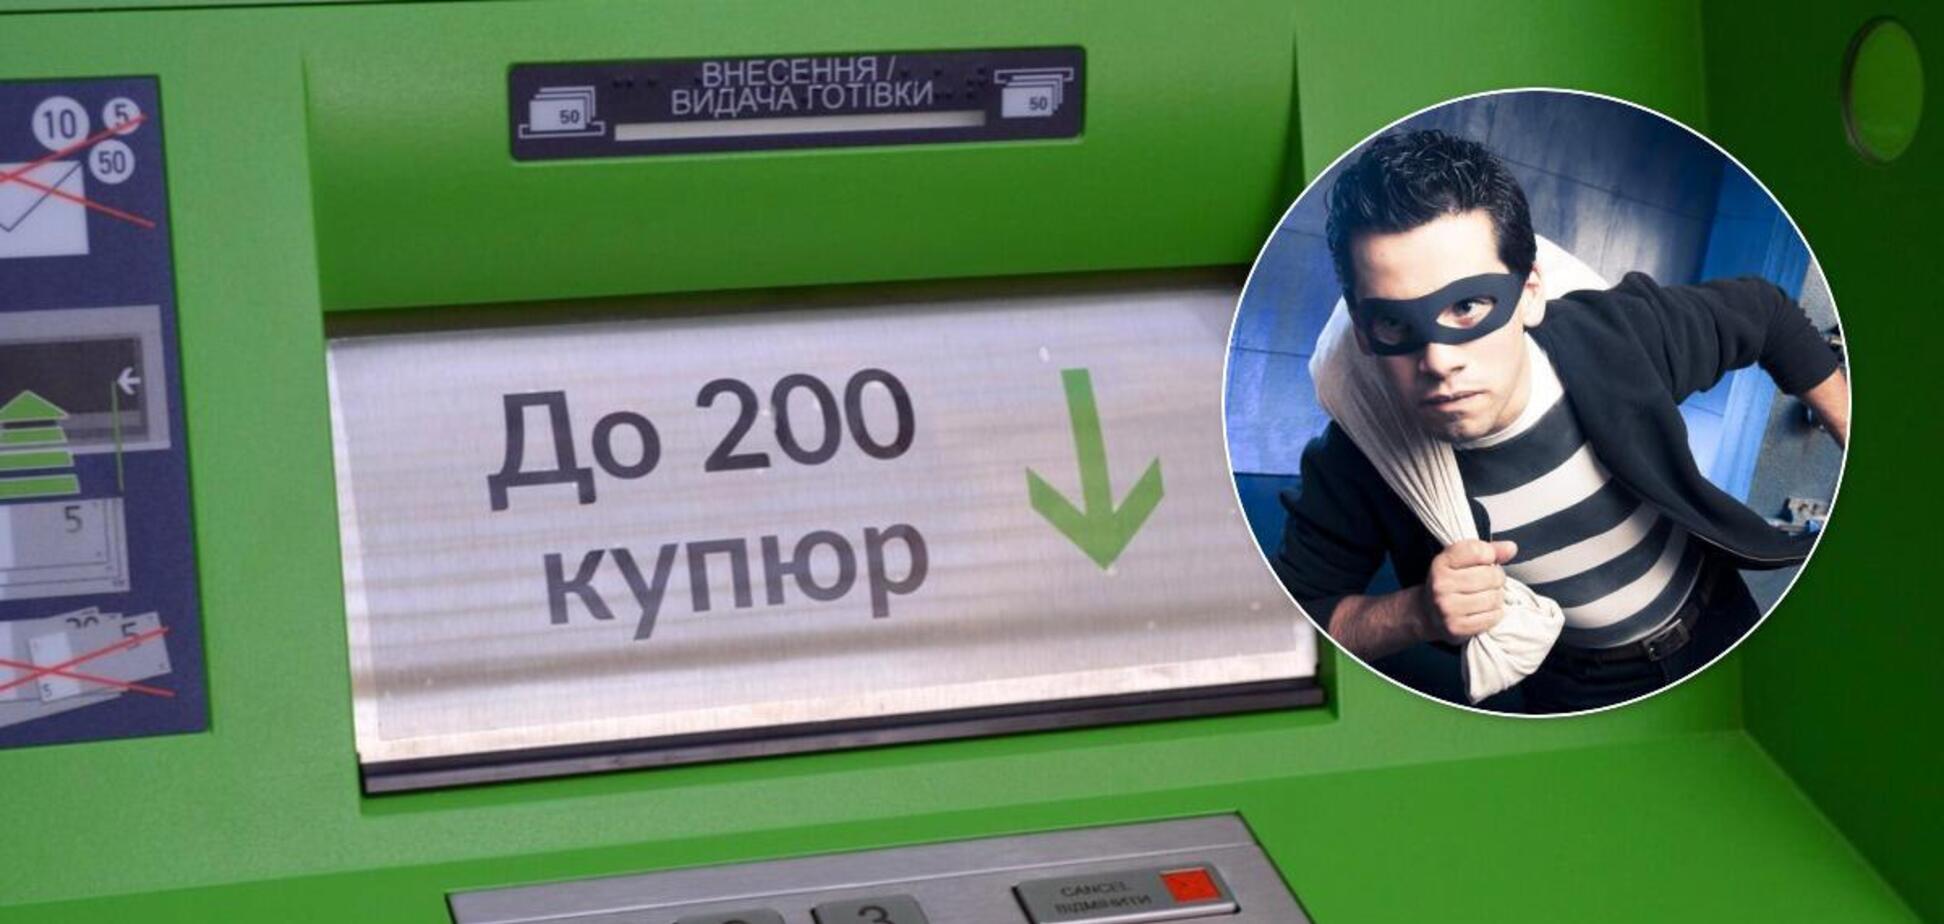 Мошенники обманывают банкоматы